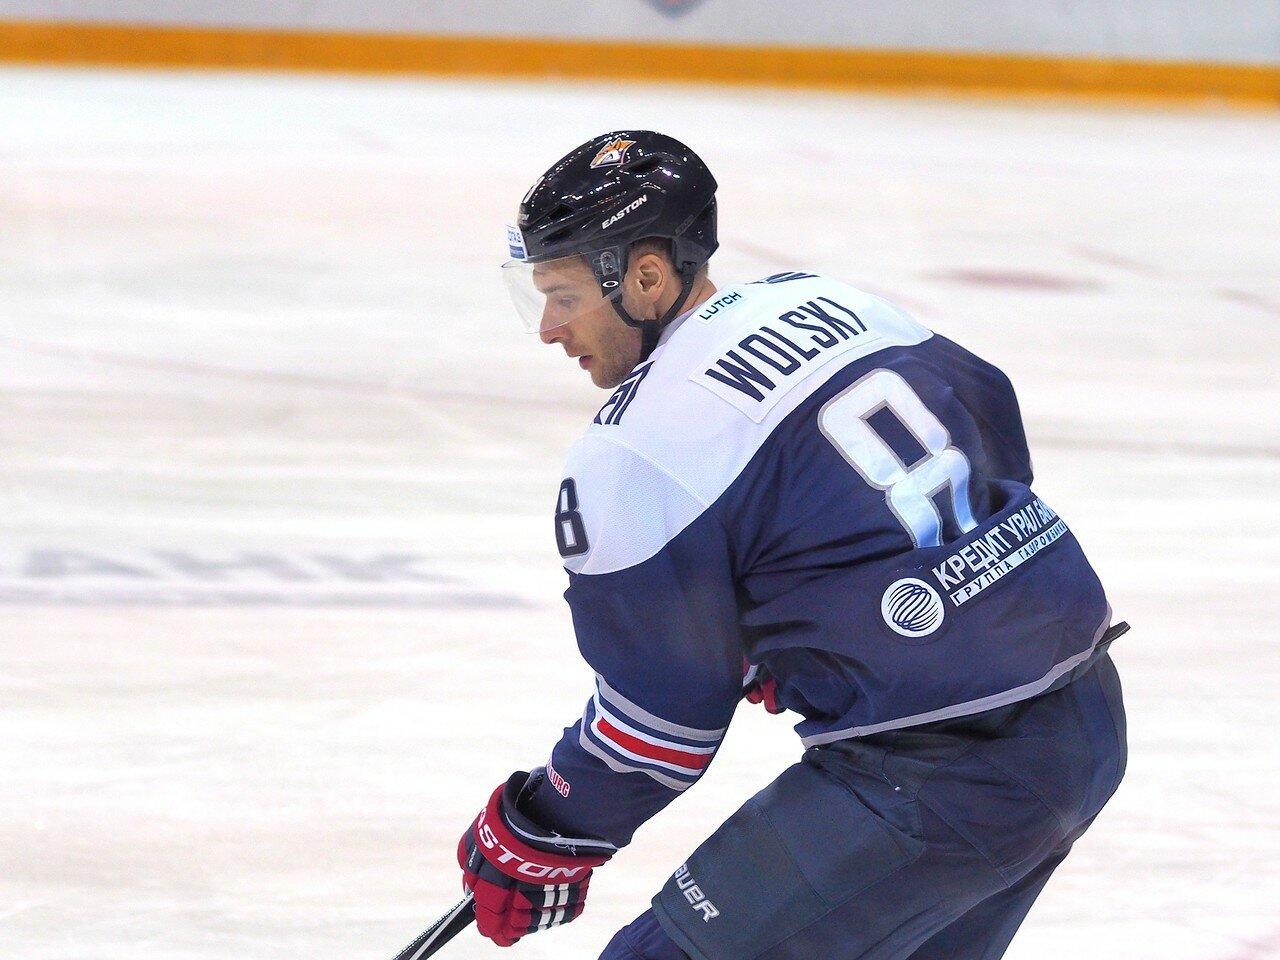 Войтек Вольски